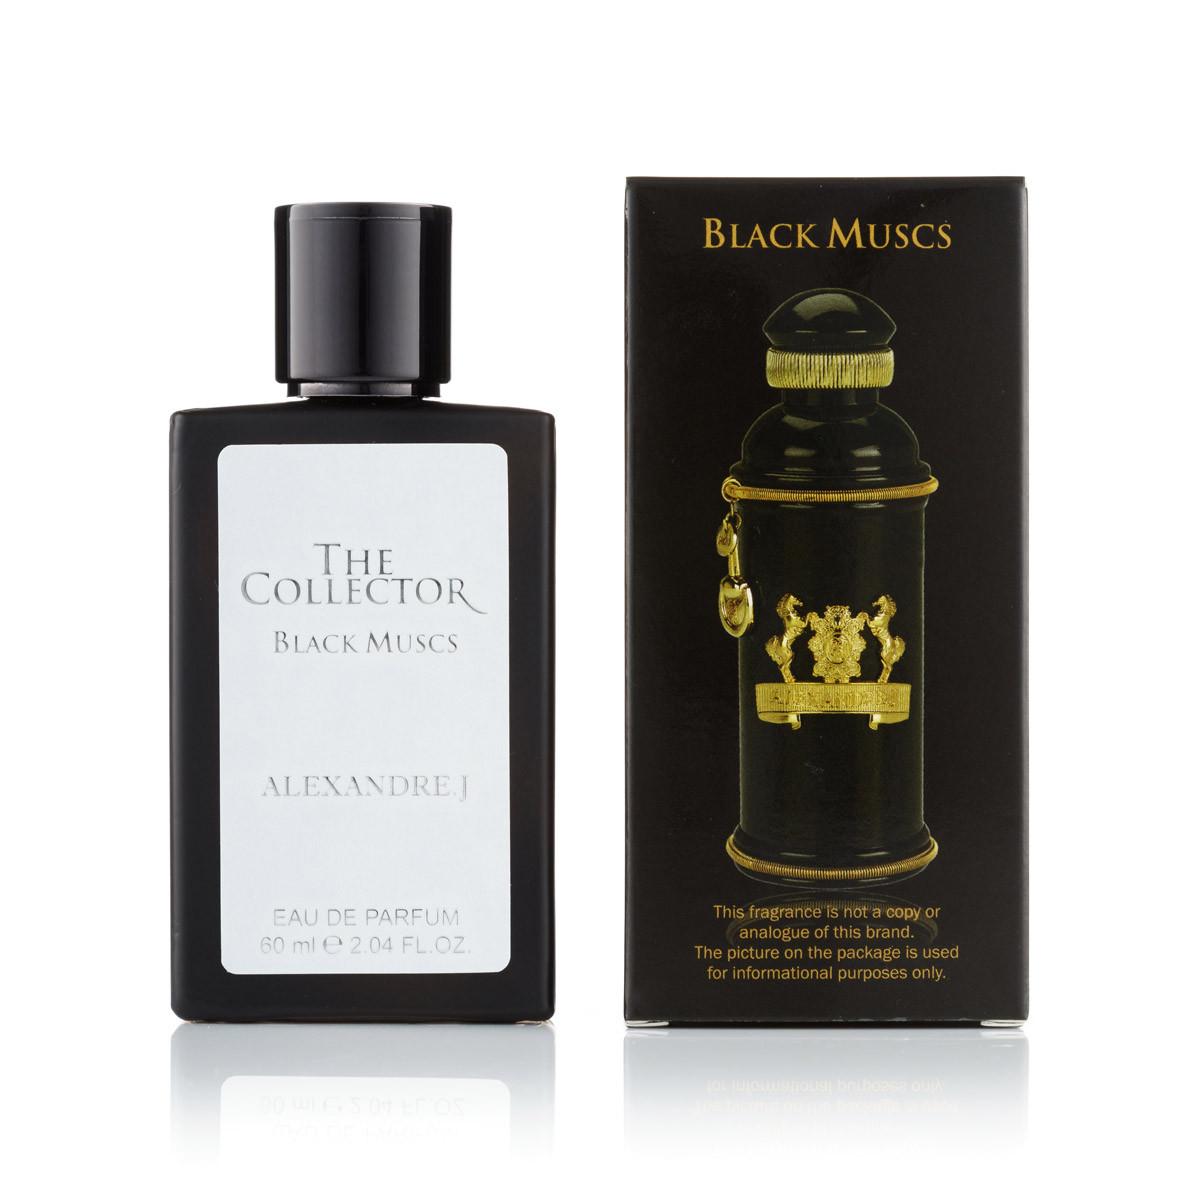 60 мл  мини-парфюм Black Muscs Alexandre J  (унисекс)